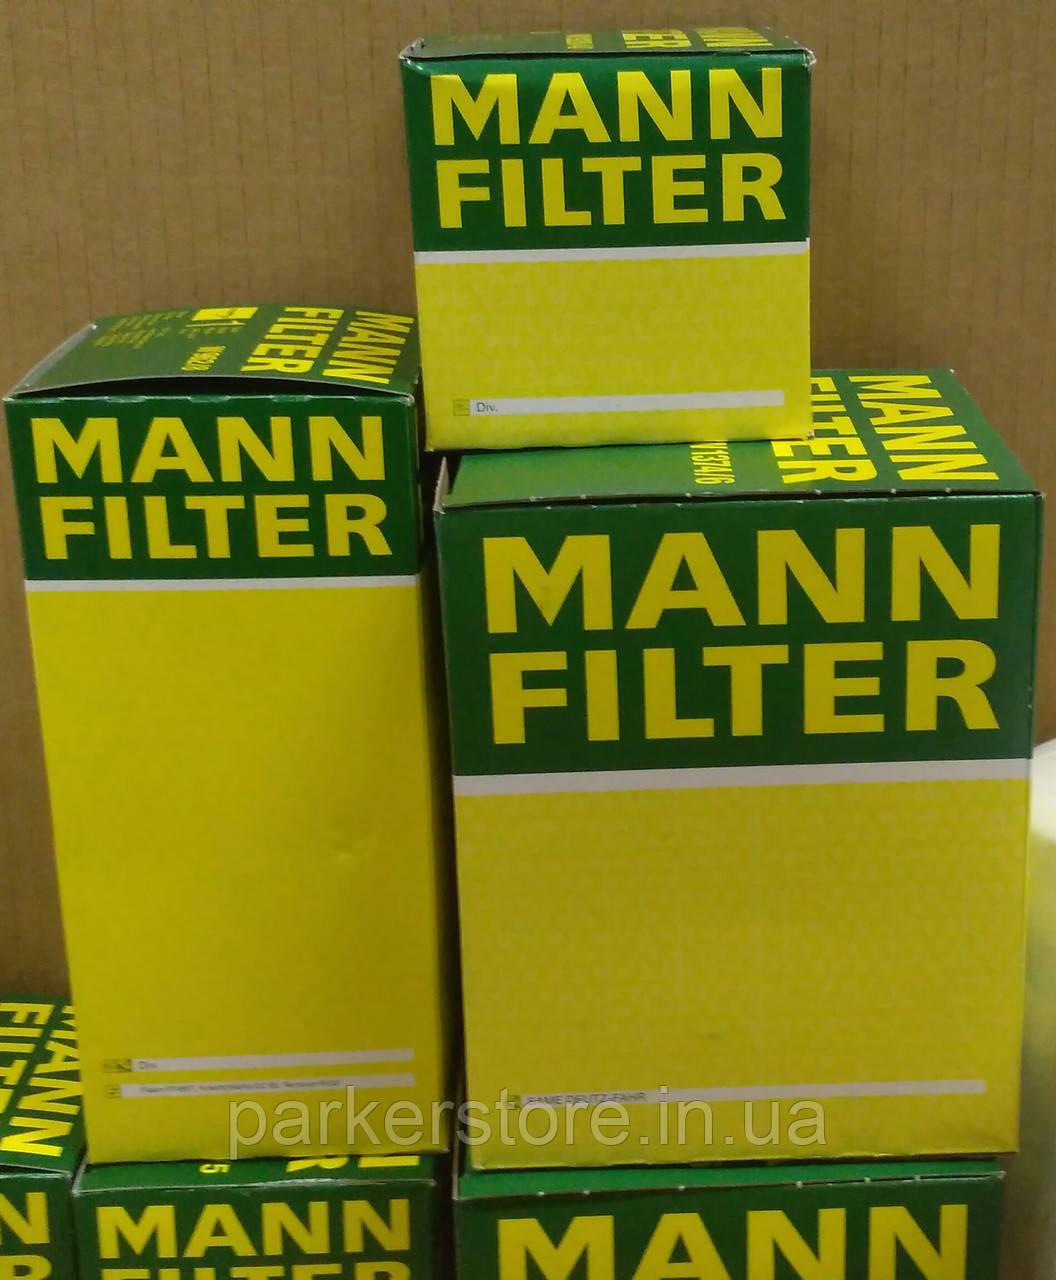 MANN FILTER / Повітряний фільтр / C 3090/1 / C3090/1